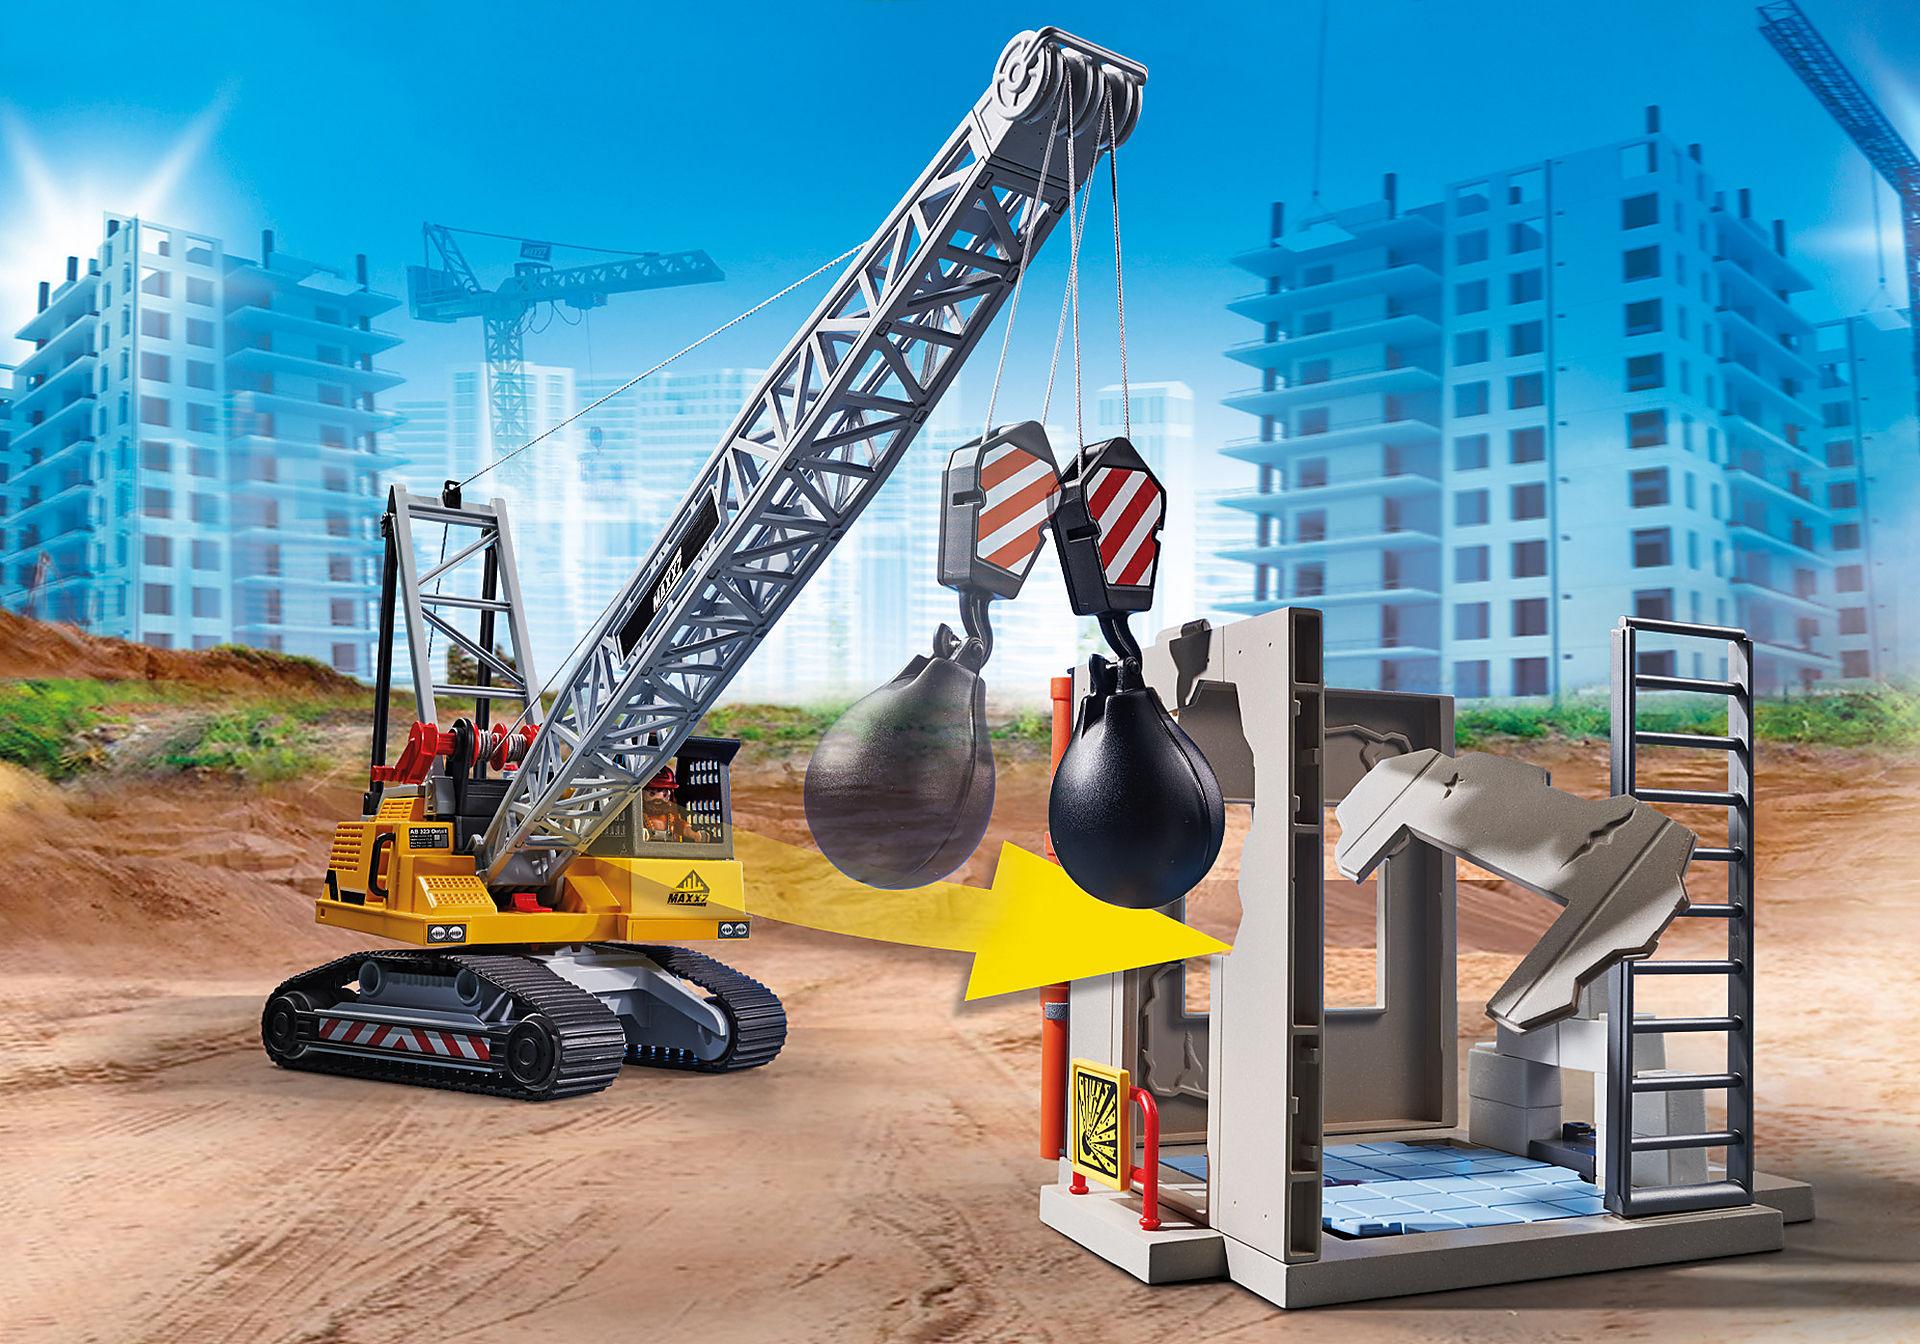 70442 Kabelgraafmachine met bouwonderdeel zoom image8